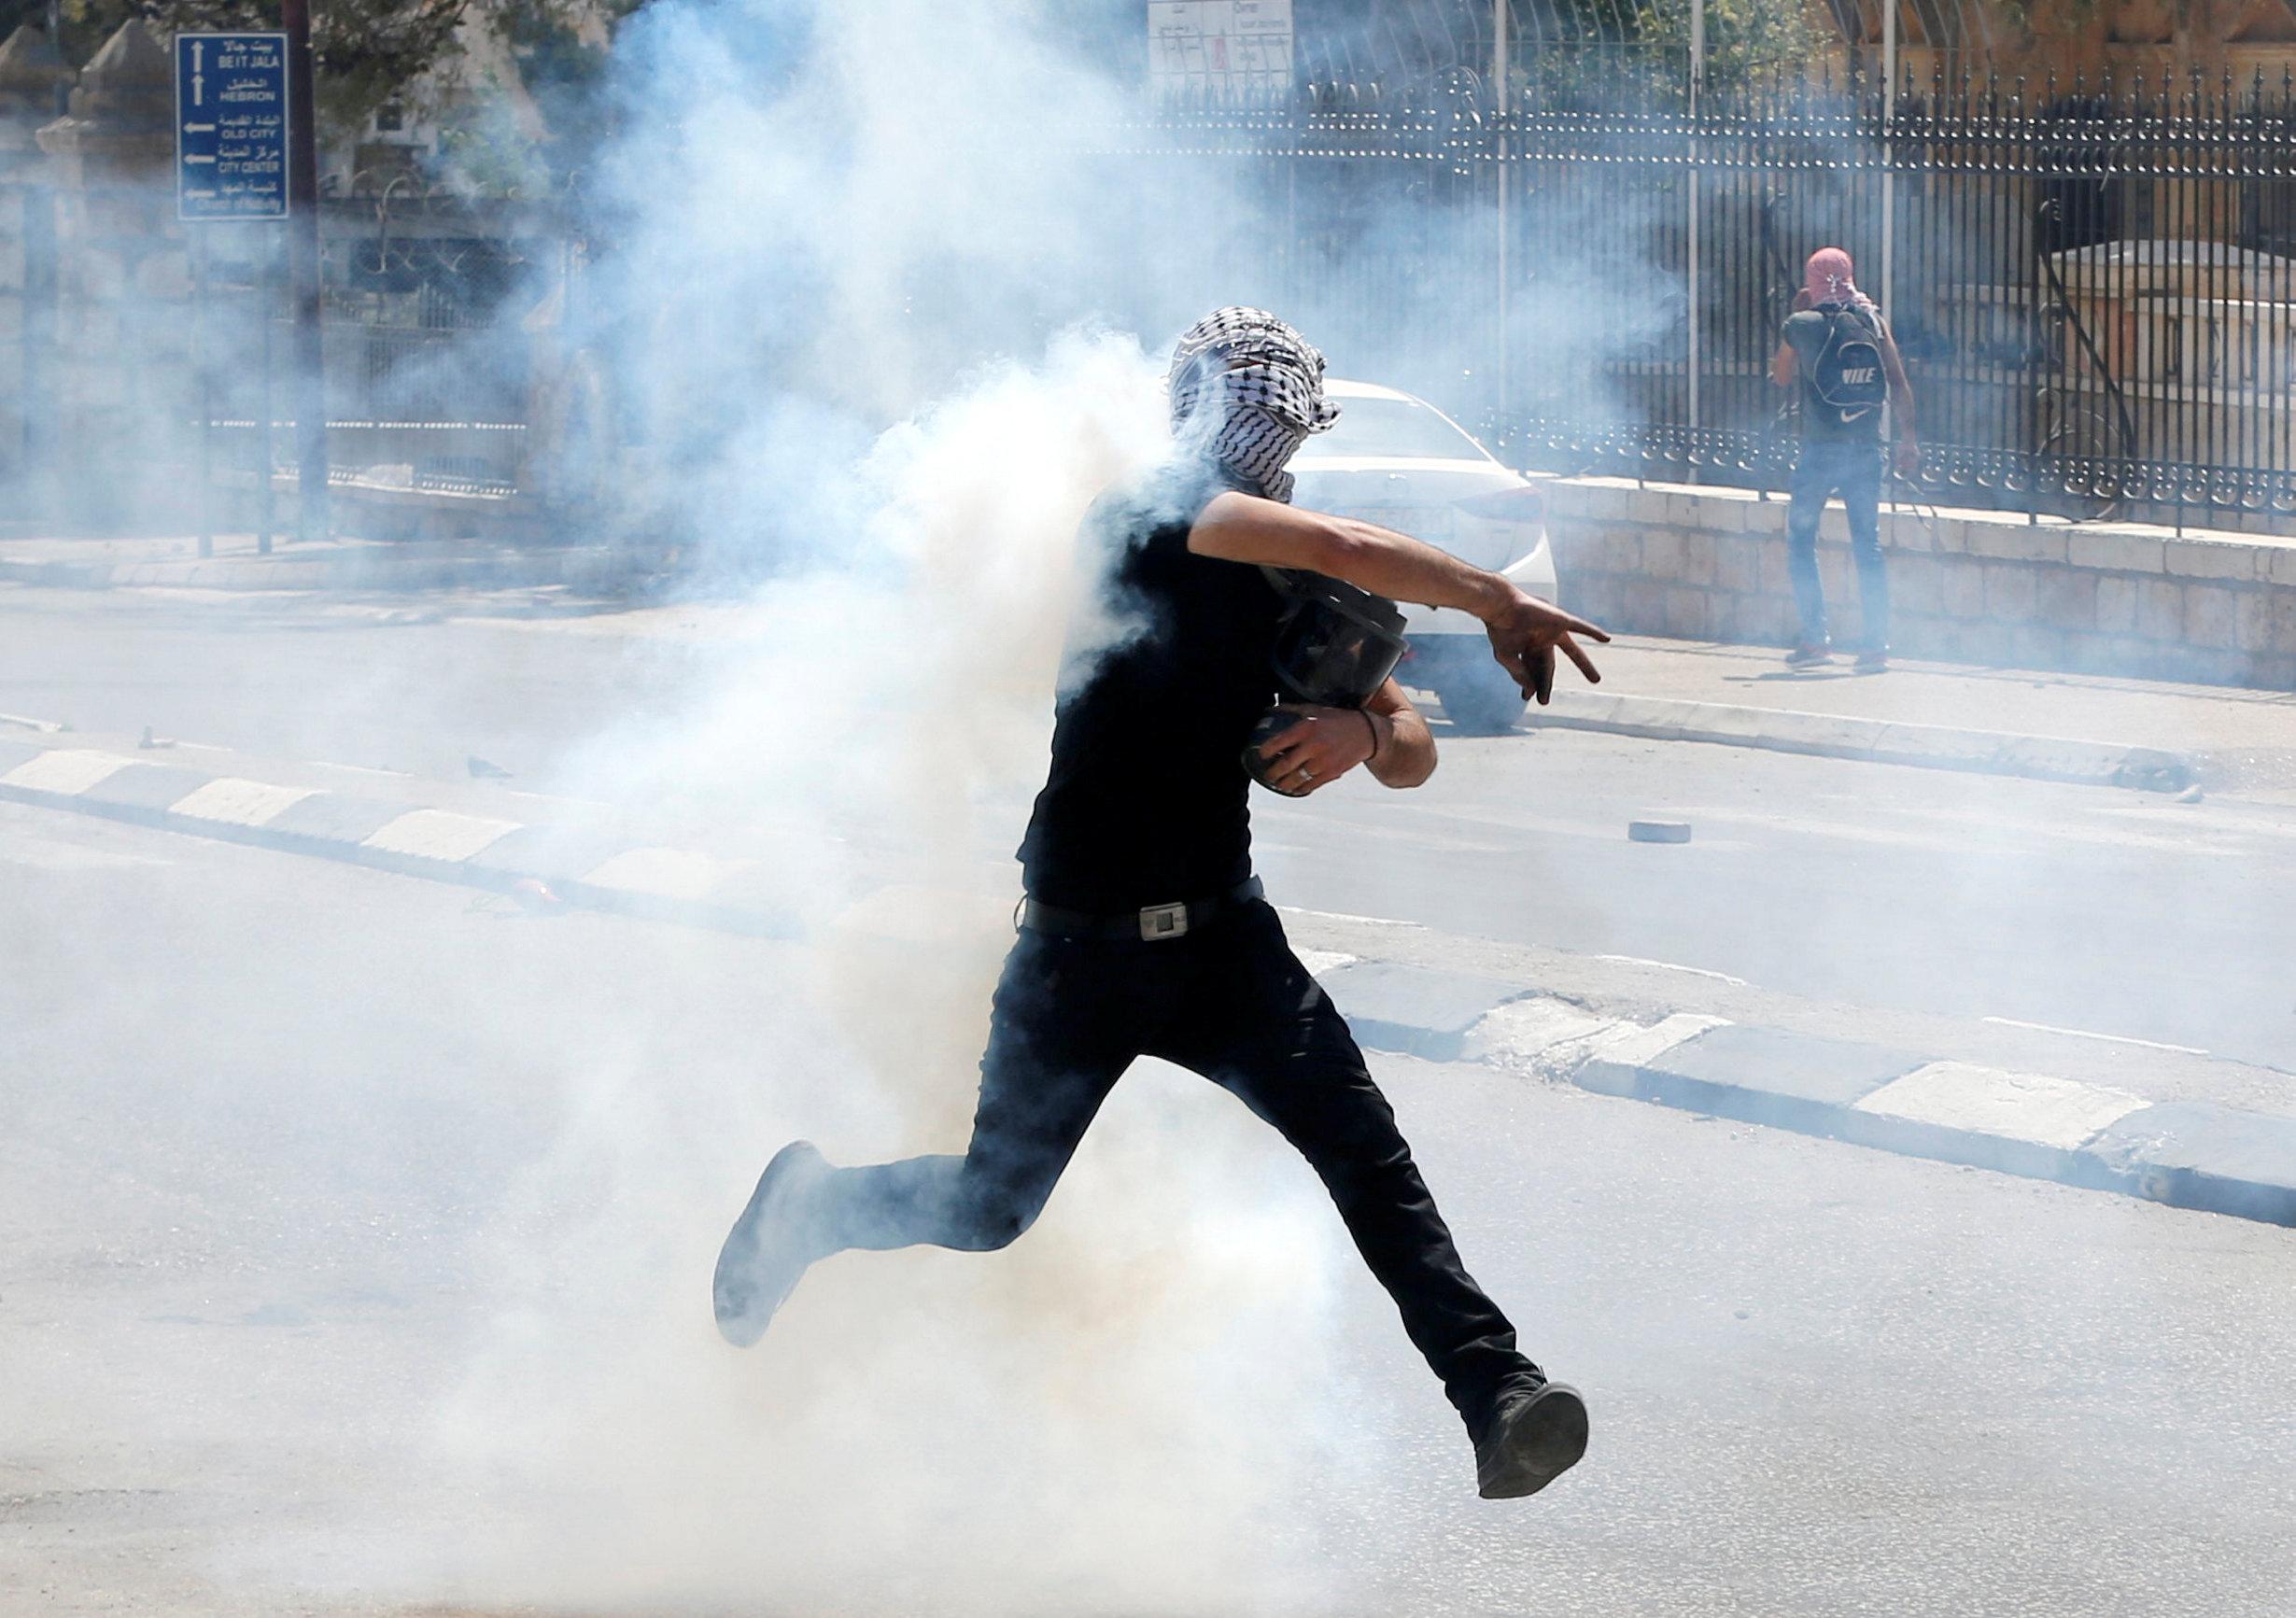 الغاز المسيل للدموع يحيط بمتظاهر فلسطينى